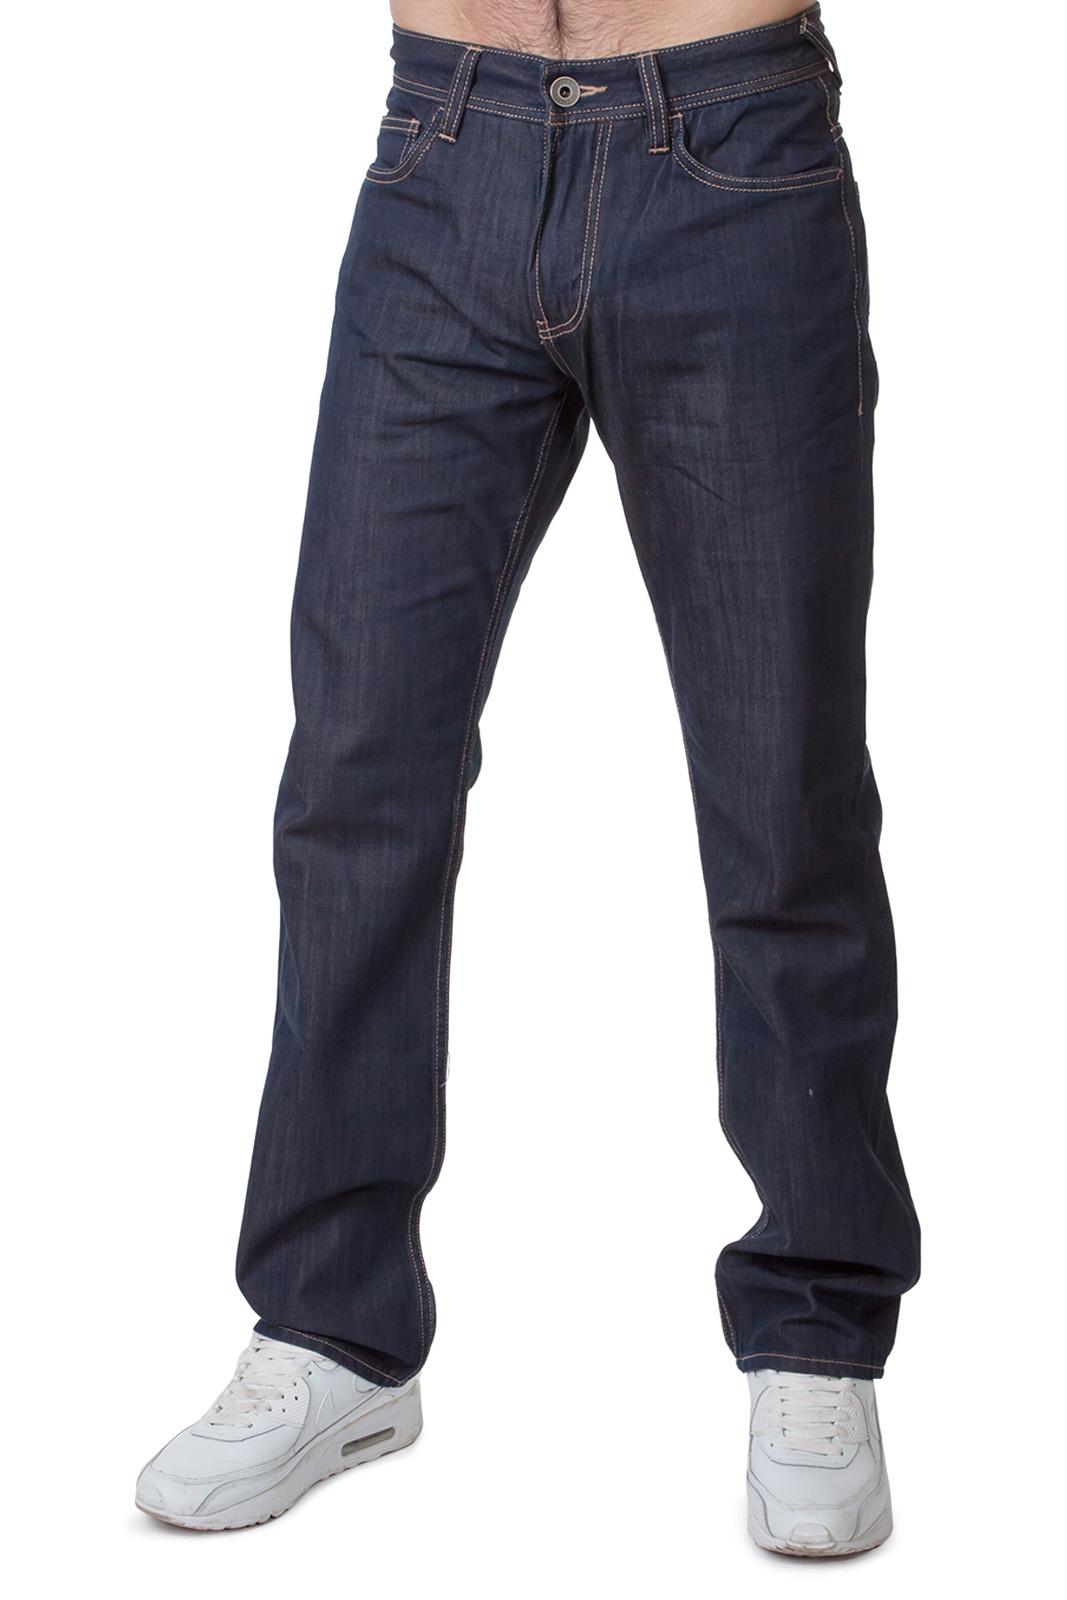 f9297fdf7c6 Темно-синие мужские джинсы Armani.